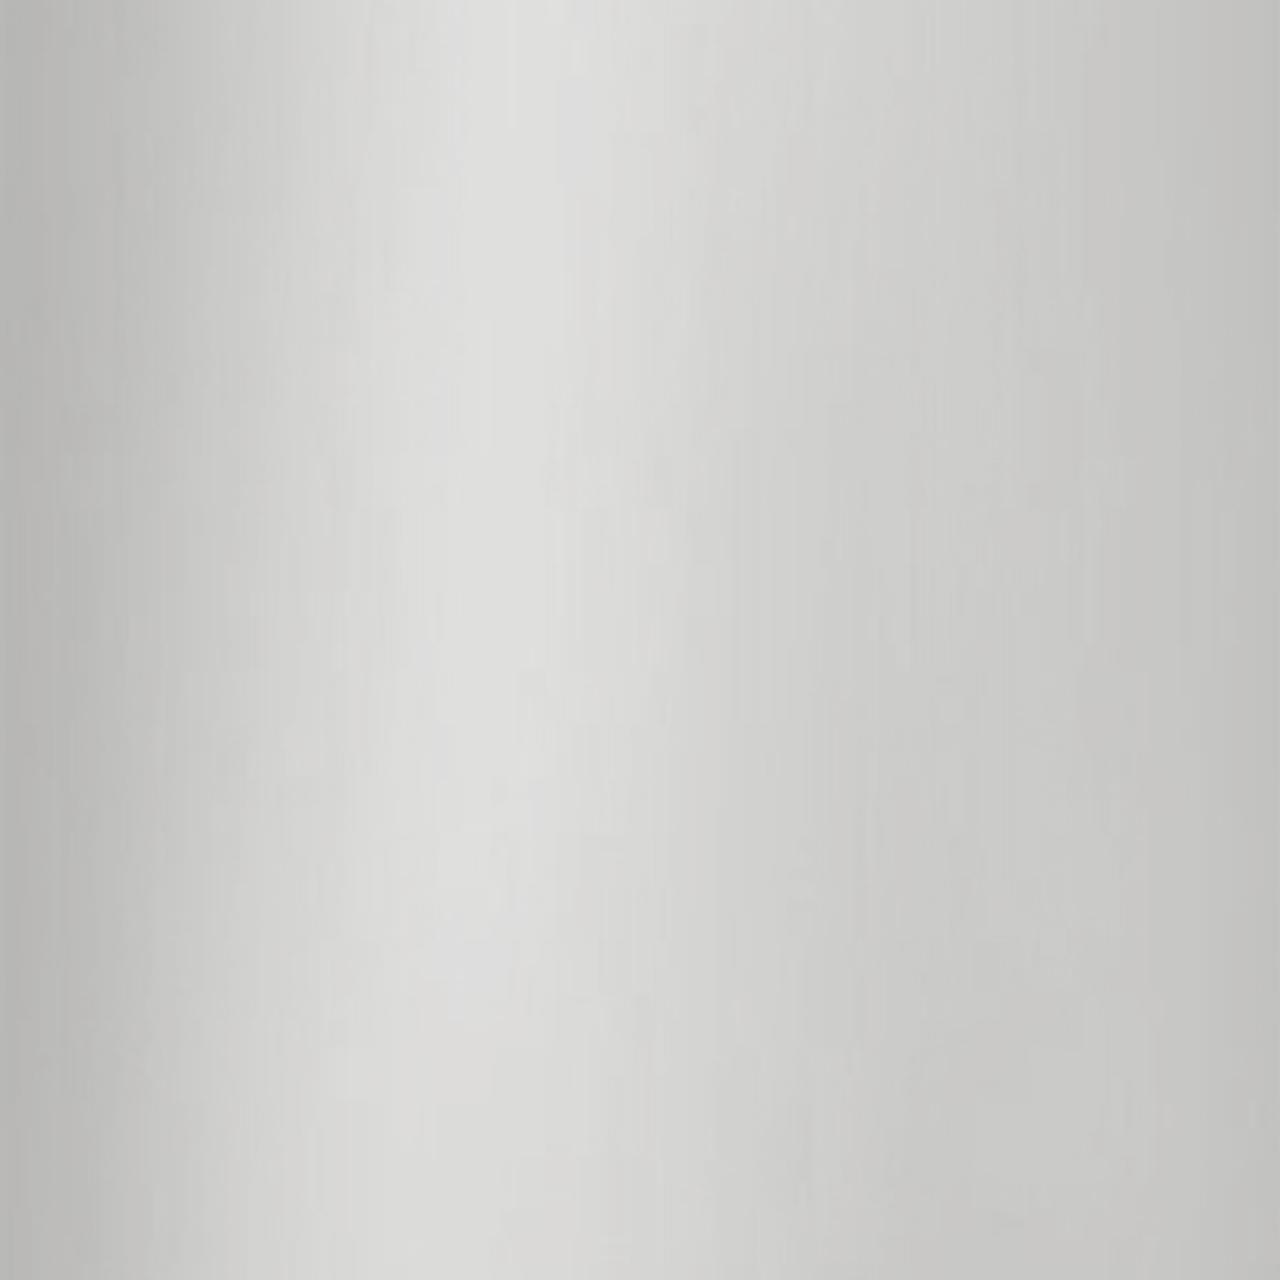 Алюкобонд зеркальный серебро 8832 (3мм/28мкм) 1,22мХ2,44м